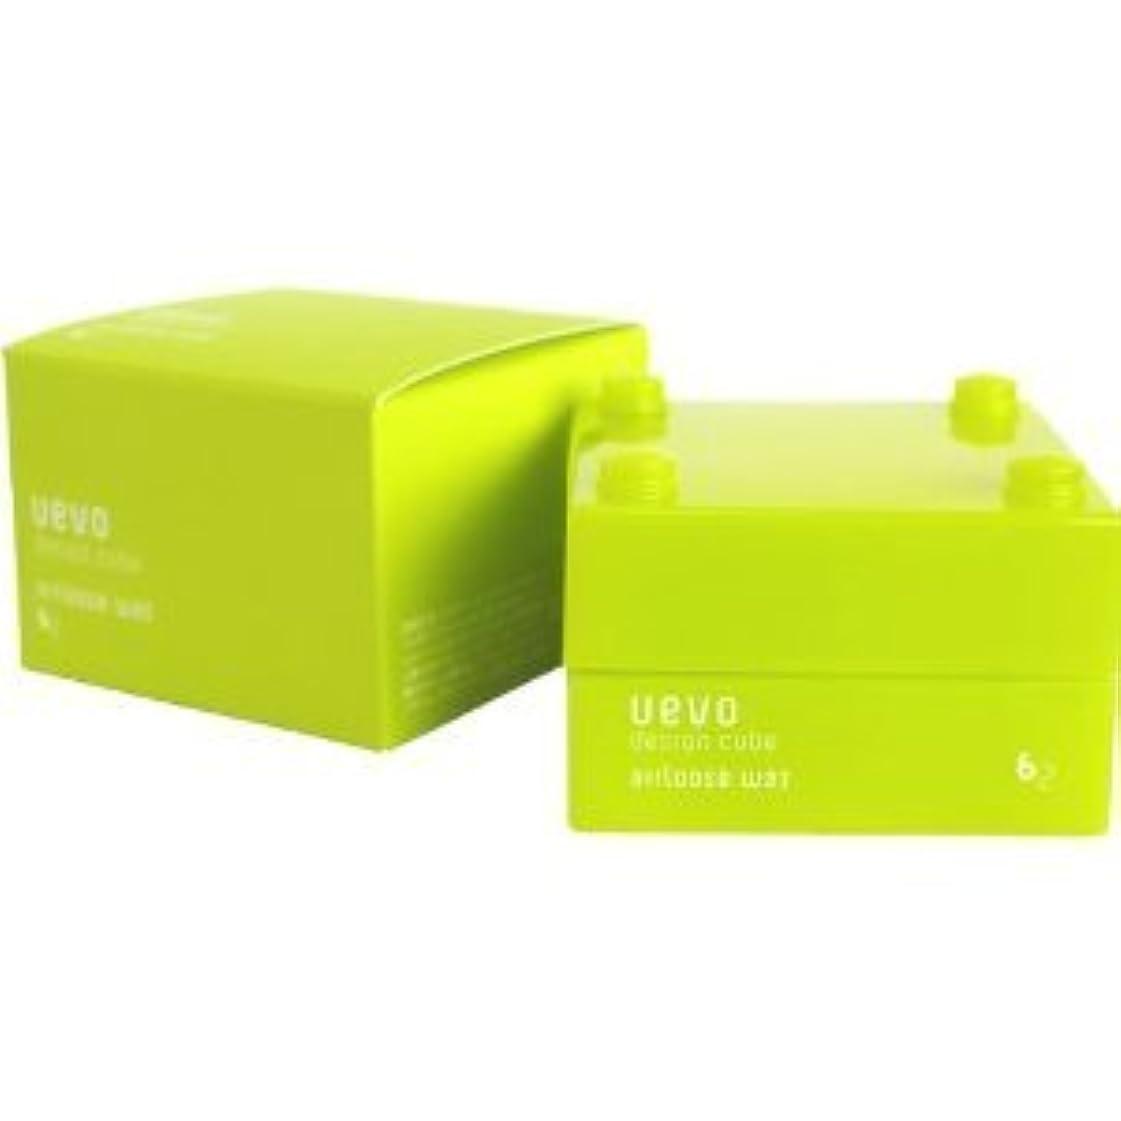 真っ逆さまご近所ペア【X3個セット】 デミ ウェーボ デザインキューブ エアルーズワックス 30g airloose wax DEMI uevo design cube